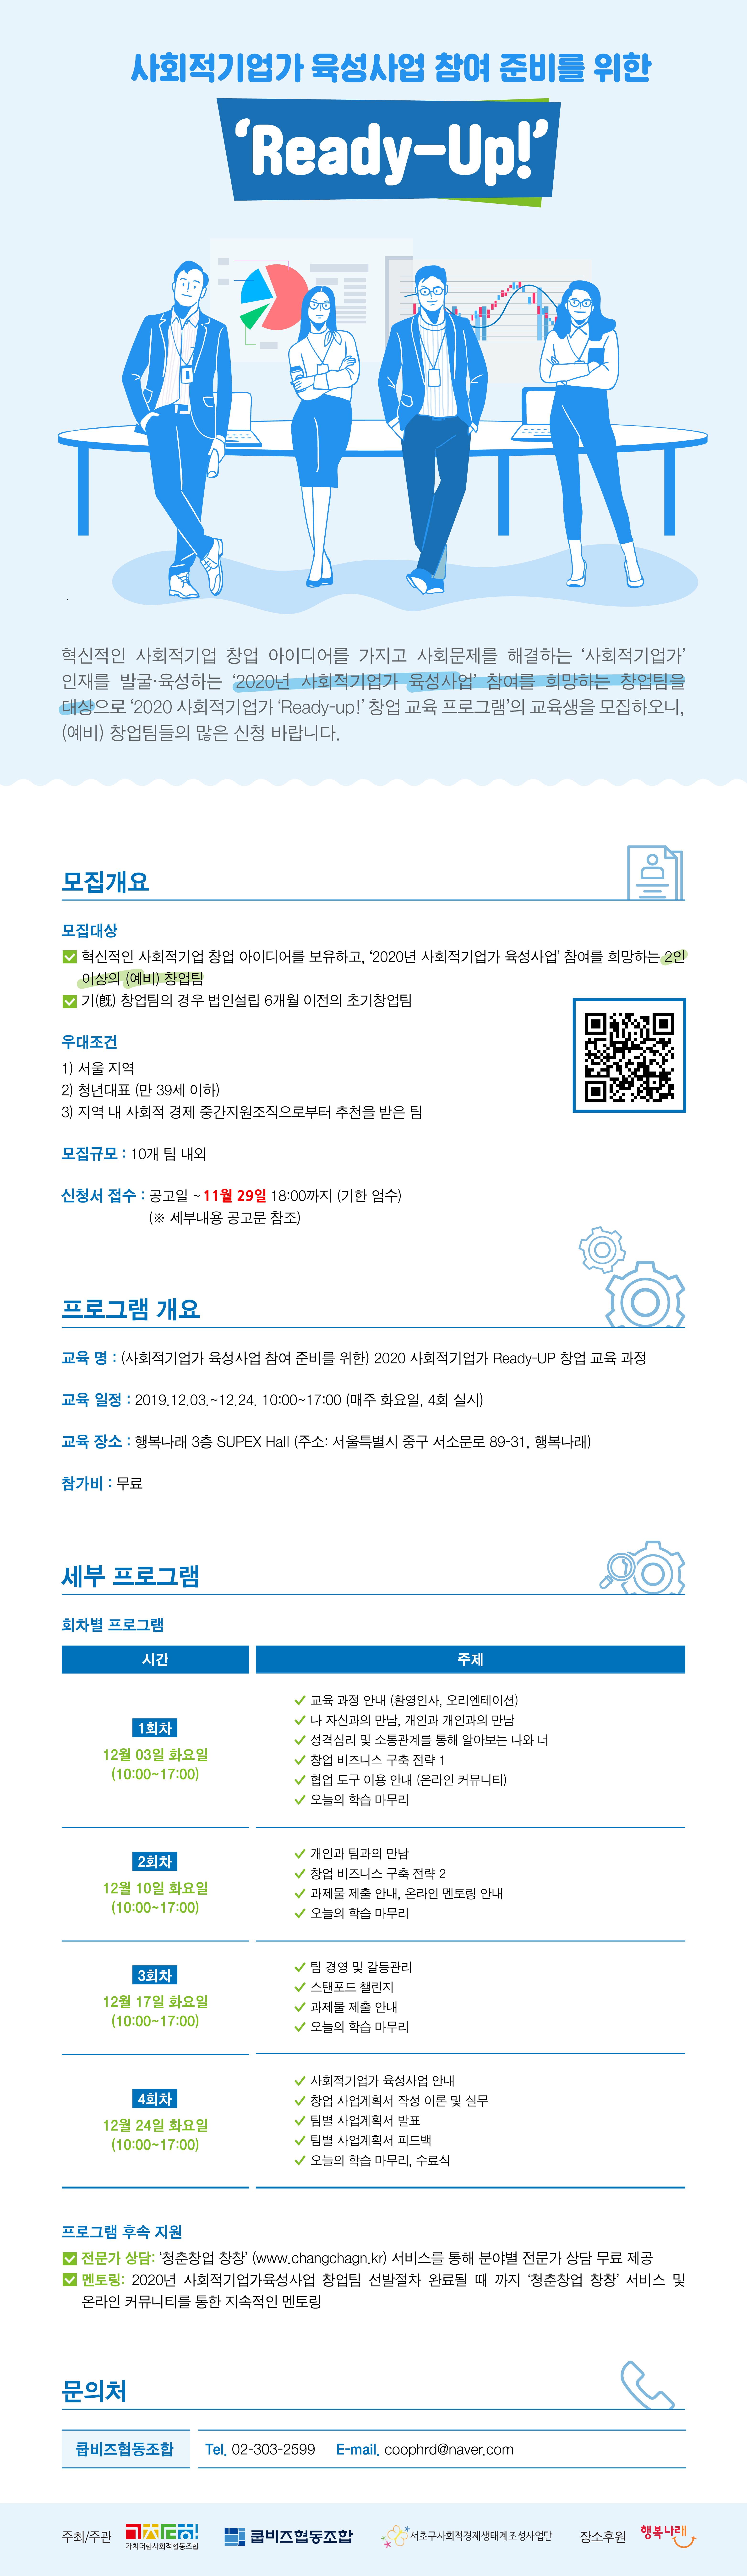 사회적기업가 READY-UP 창업팀 모집안내(원본)